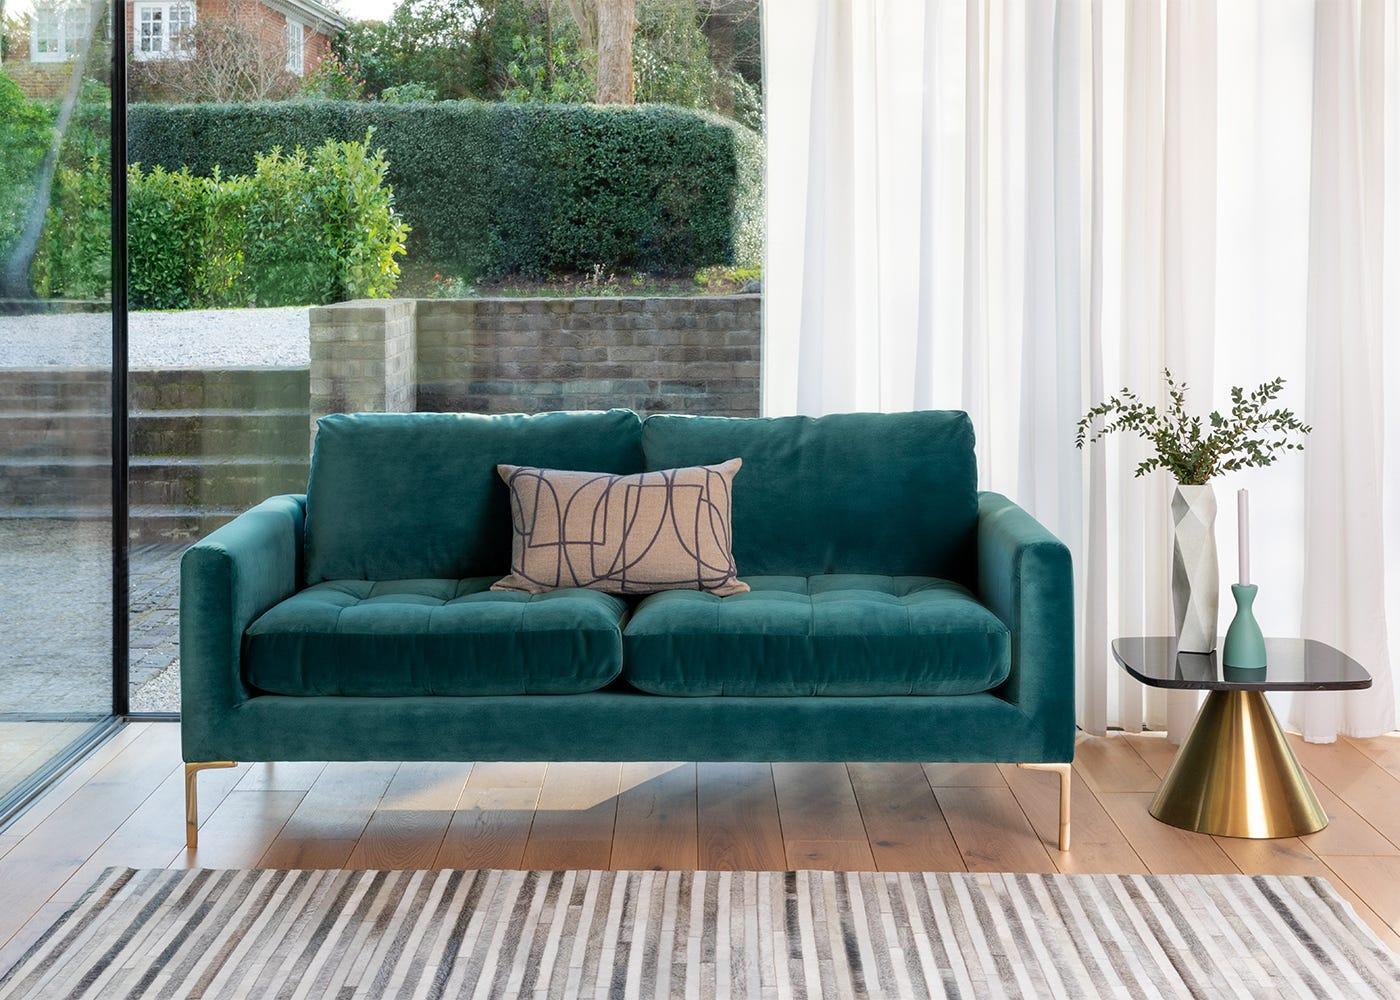 Eton 3 Seater Sofa in Velvet Ocean with Brass Legs